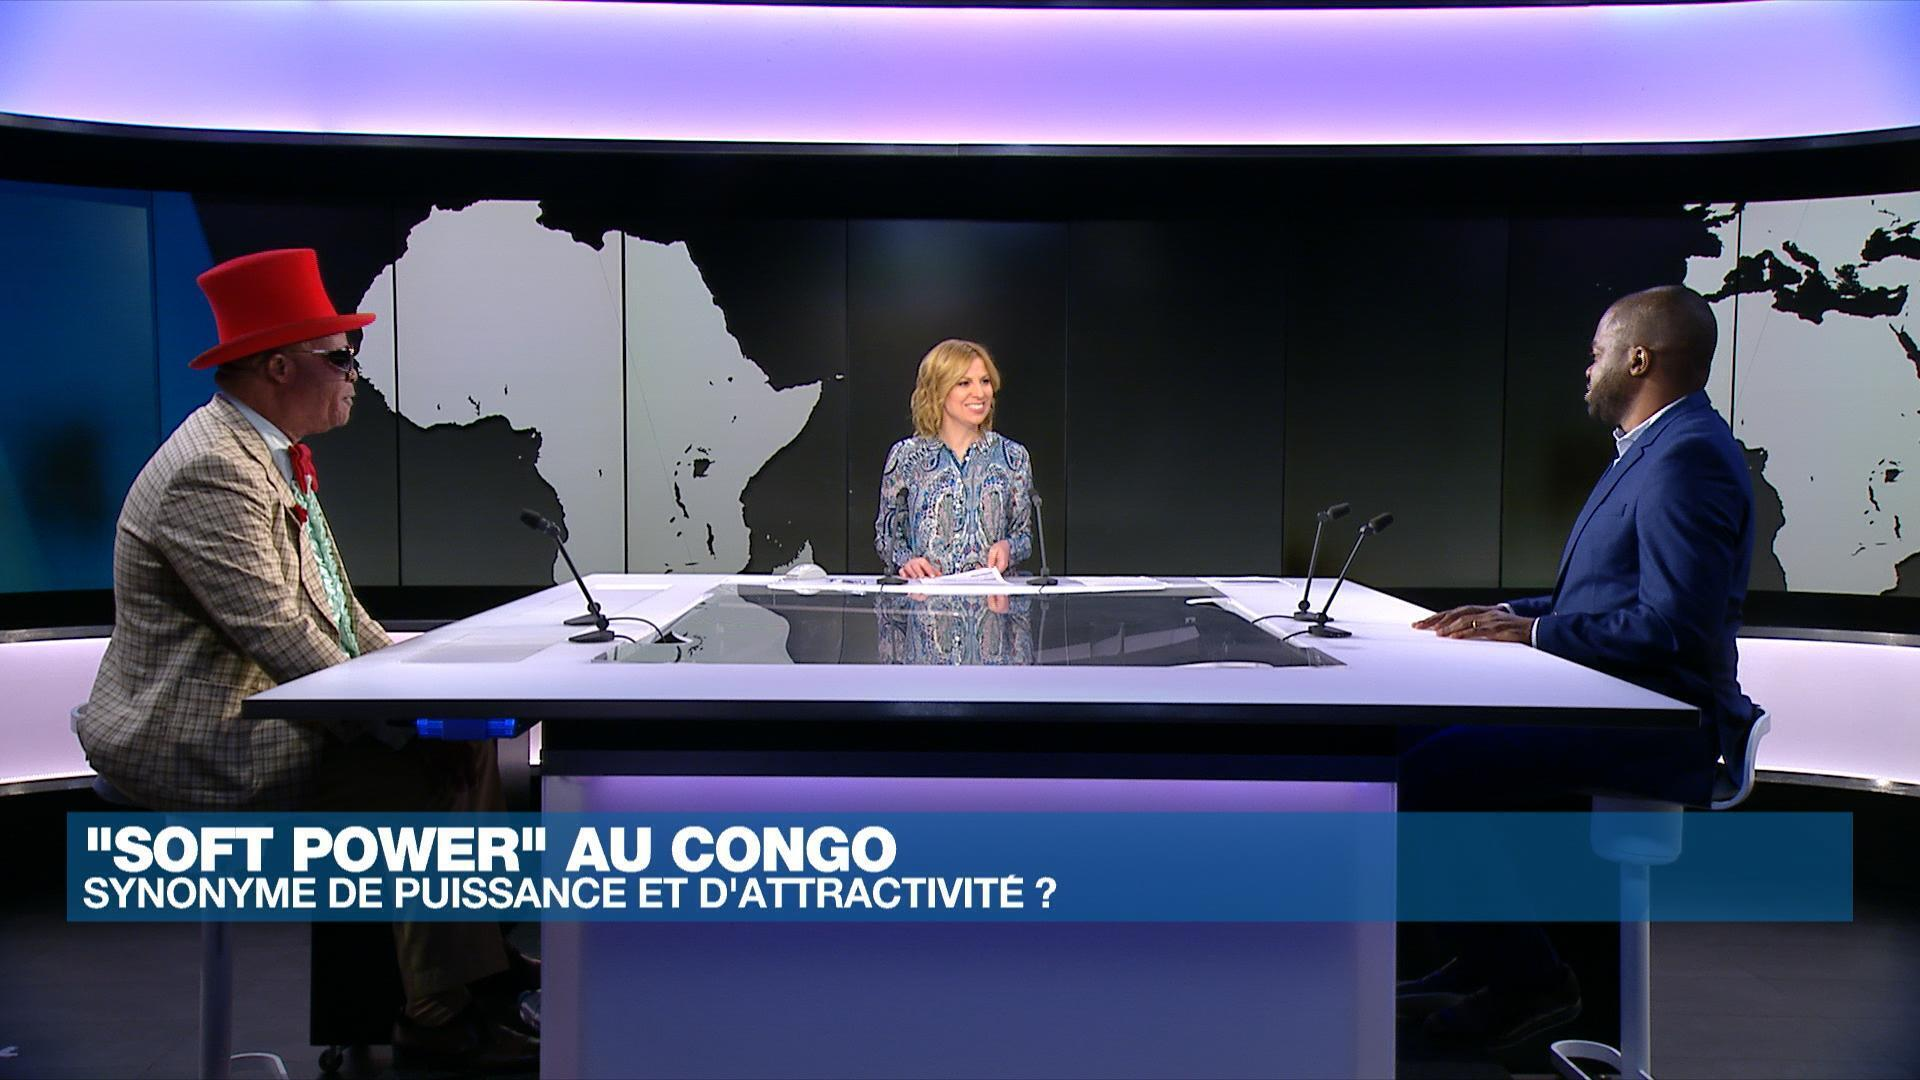 Le soft power au Congo